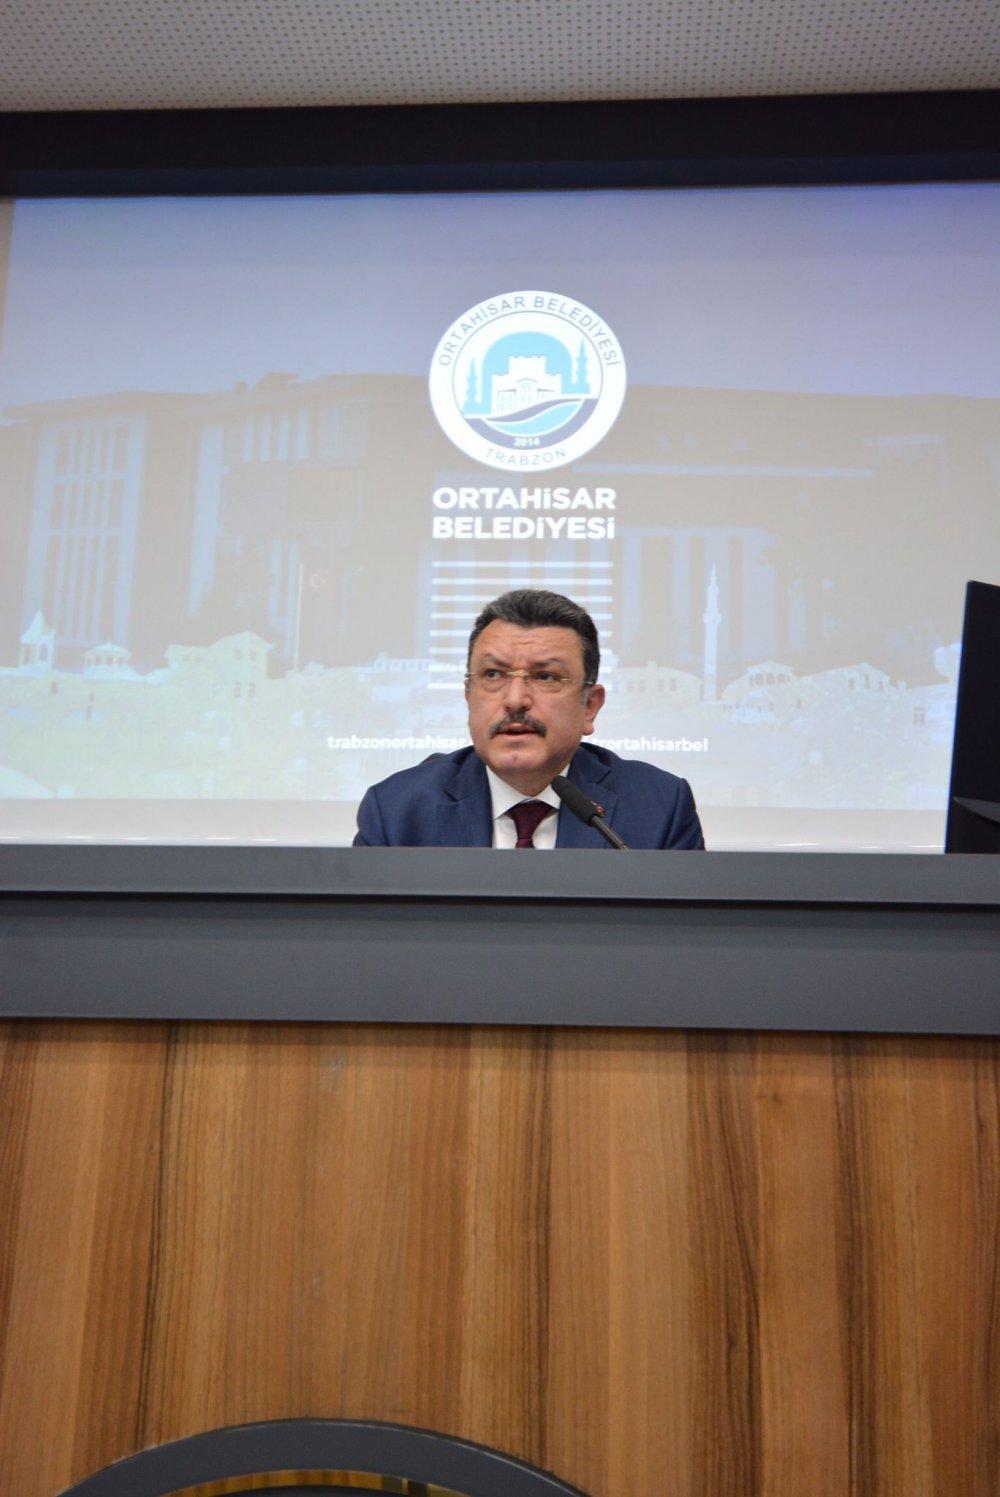 Ortahisar Belediye Meclisinden kınama! 4 Parti de imzaladı